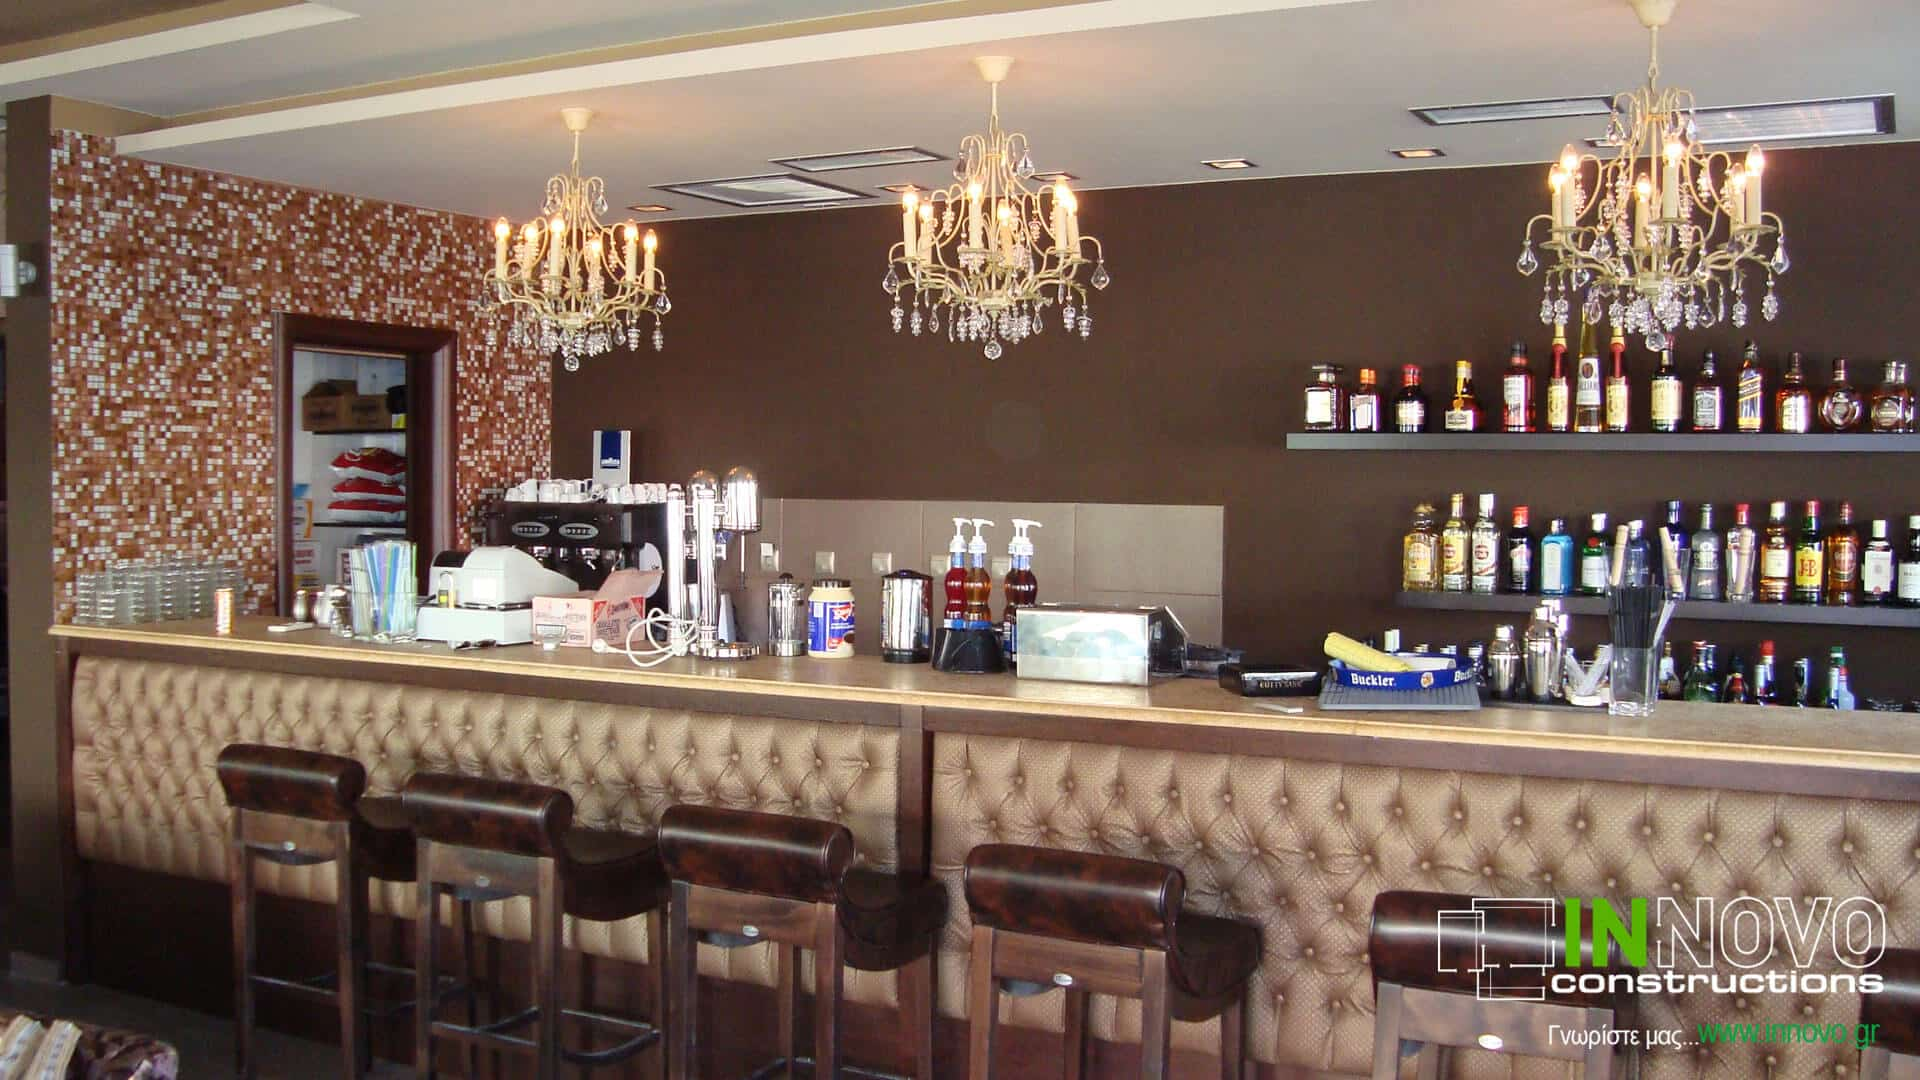 Διακόσμηση καφέ – μπαρ στην Ανάβυσσο